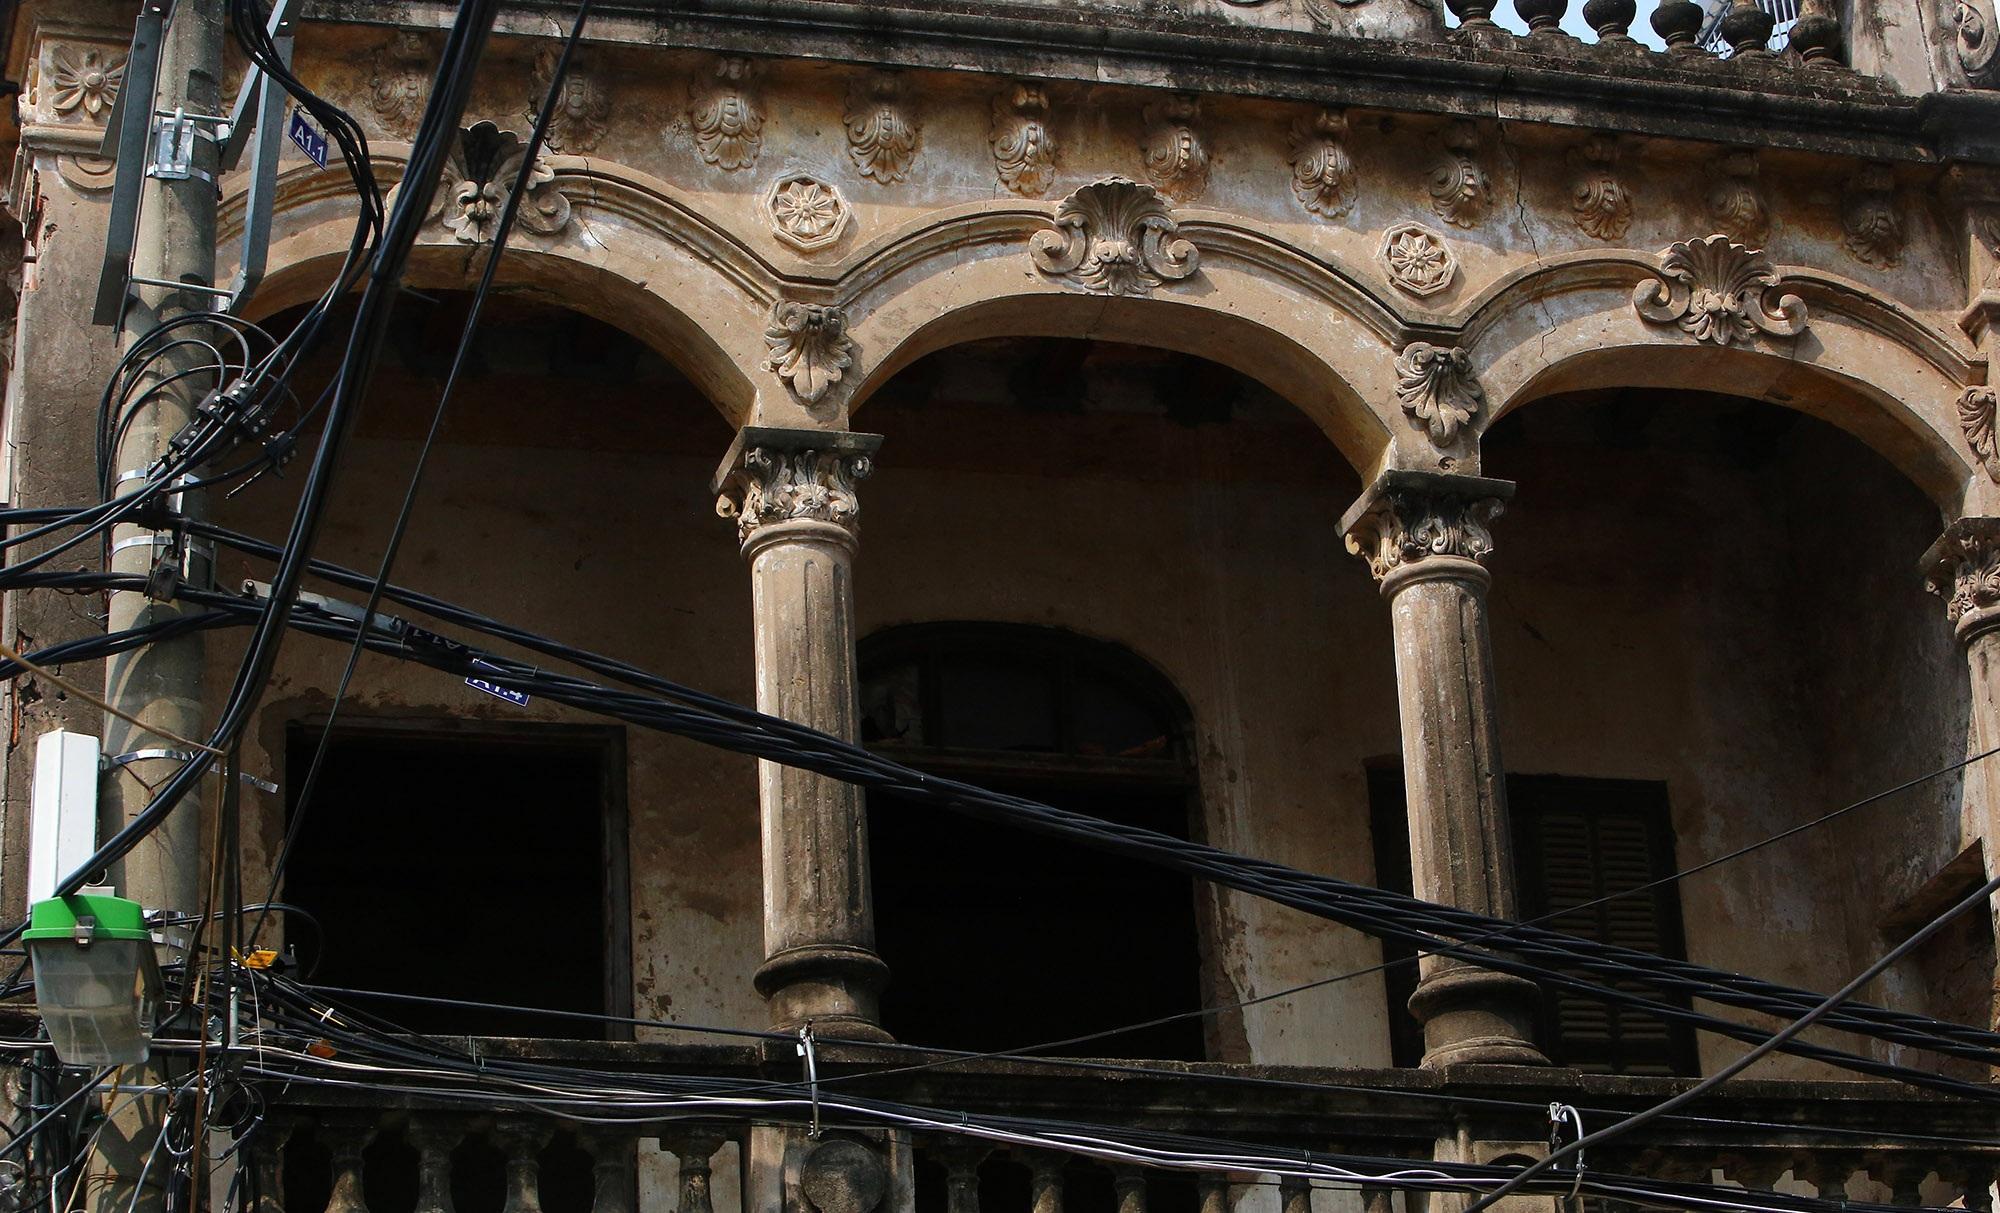 Đông Ngạc - Ngôi làng cổ tuyệt đẹp trong lòng thị thành Hà Nội - 14